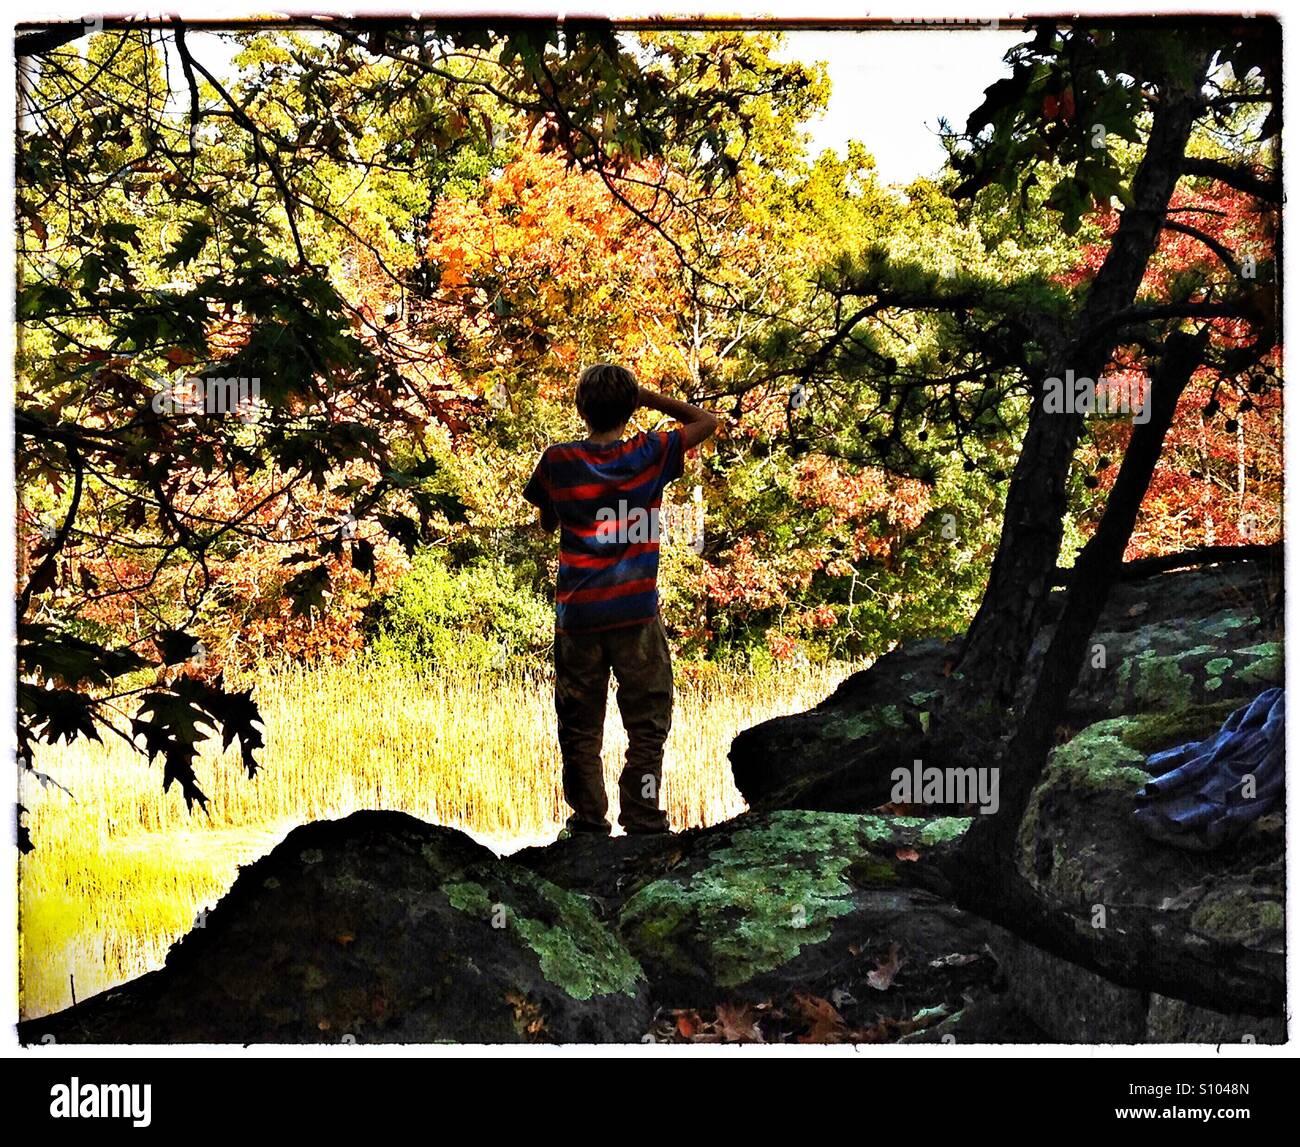 Teen junge blickt auf Herbst Landschaft. Herbstlaub, New England. CT, USA Stockbild